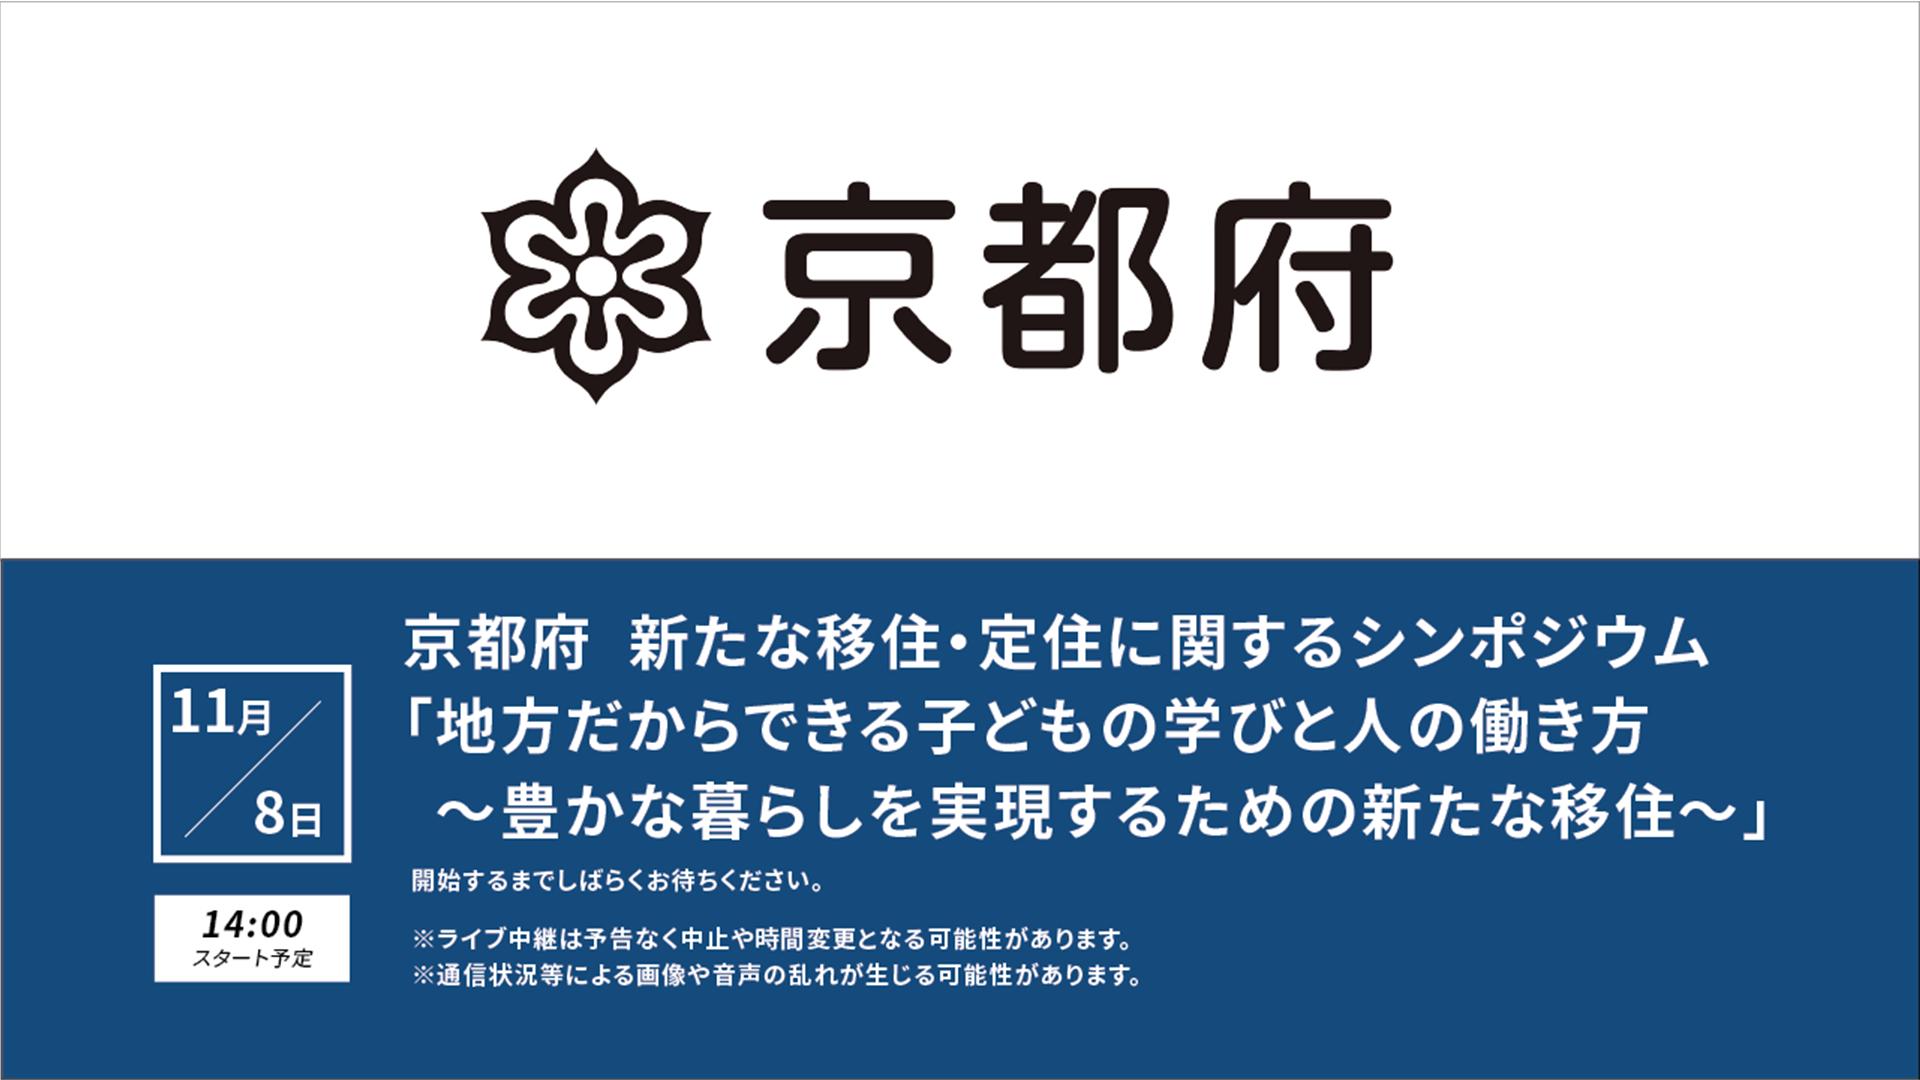 京都府 新たな移住・定住に関するシンポジウム「地方だからできる子どもの学びと人の働き方 ~豊かな暮らしを実現するための新たな移住~」